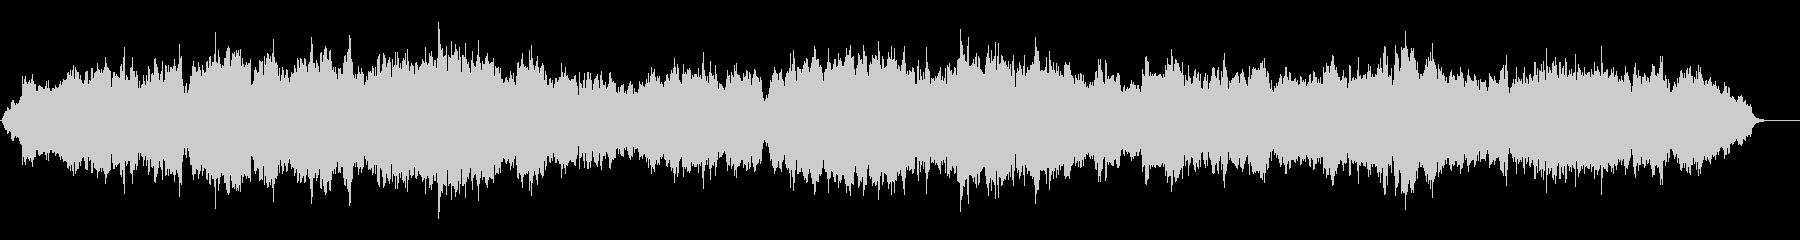 優雅で切ない弦楽バラードBGMの未再生の波形